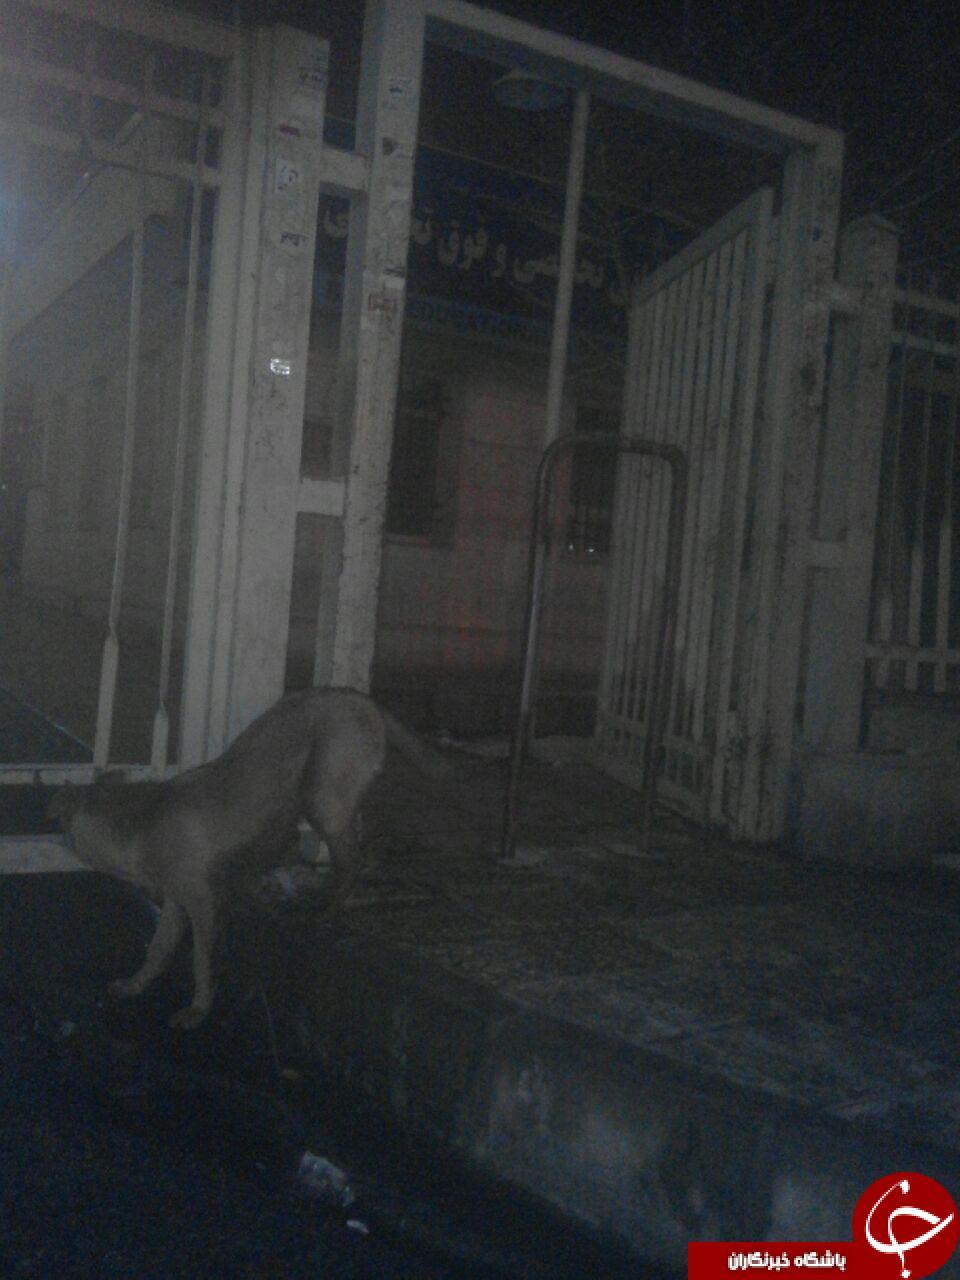 رفت و آمد سگهای ولگرد در ورودی بیمارستان + تصاویر